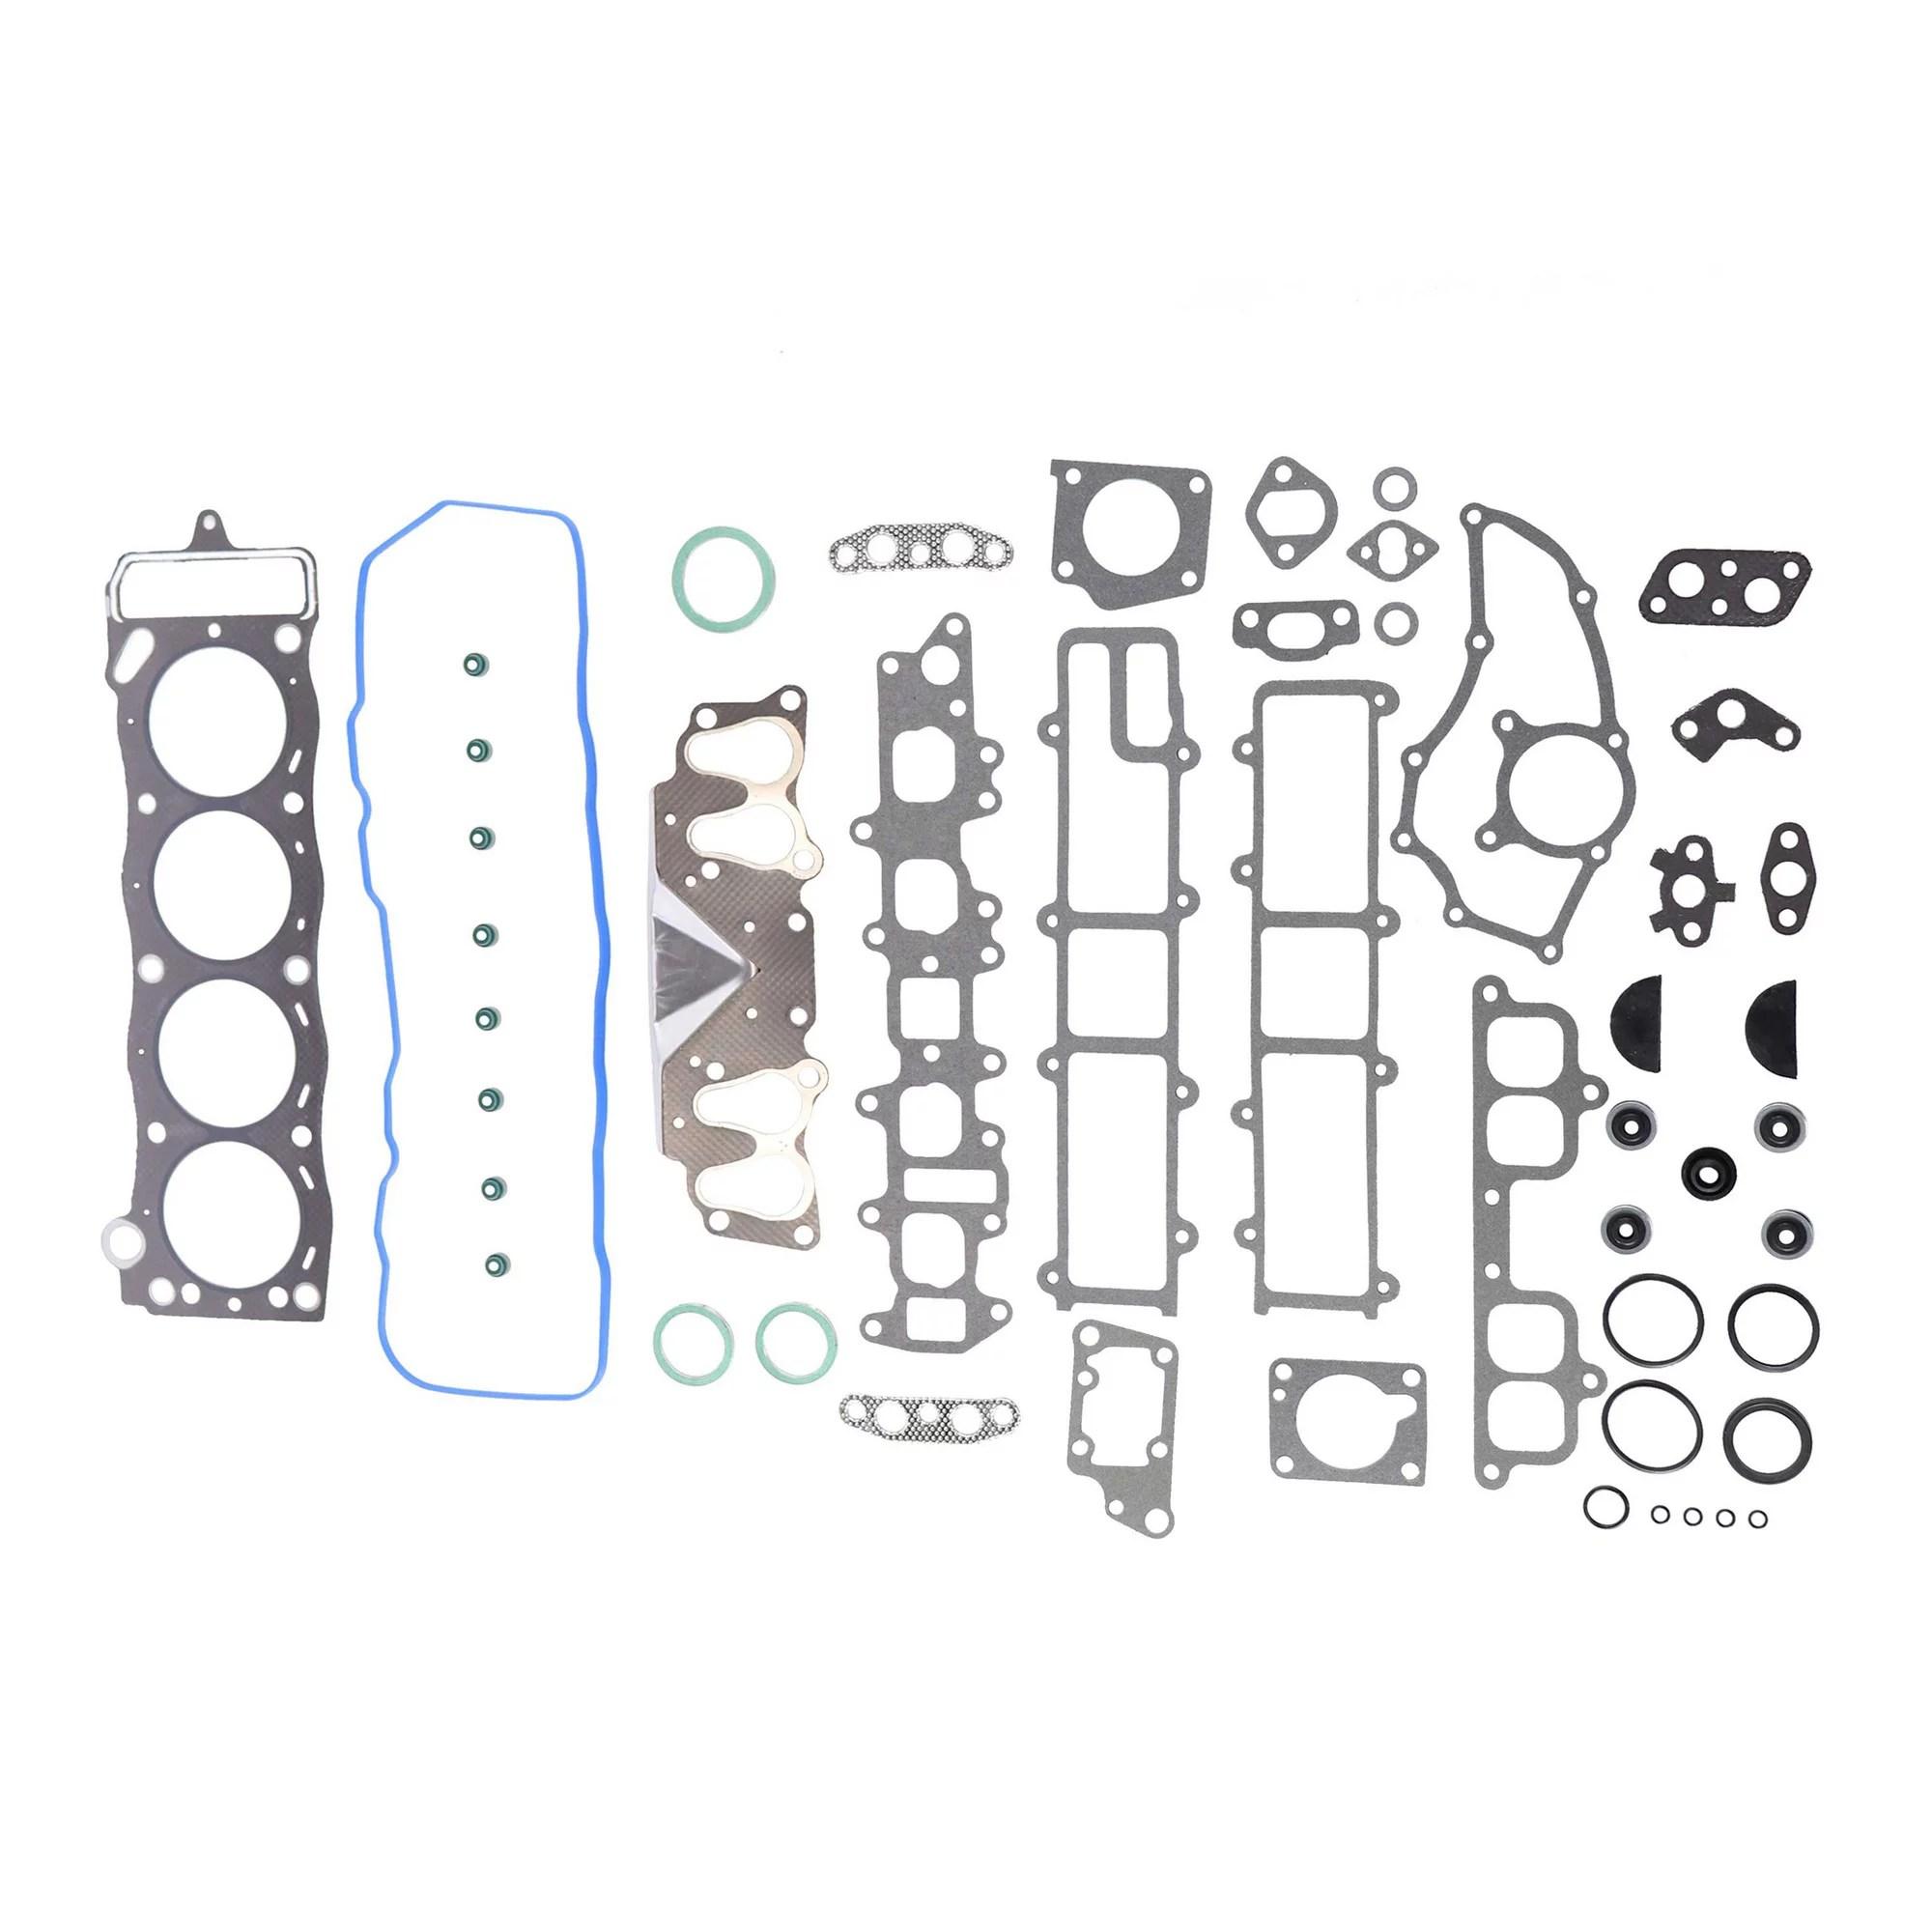 Dnj Hgs900m Head Gasket Set For 85 95 Toyota 4runner